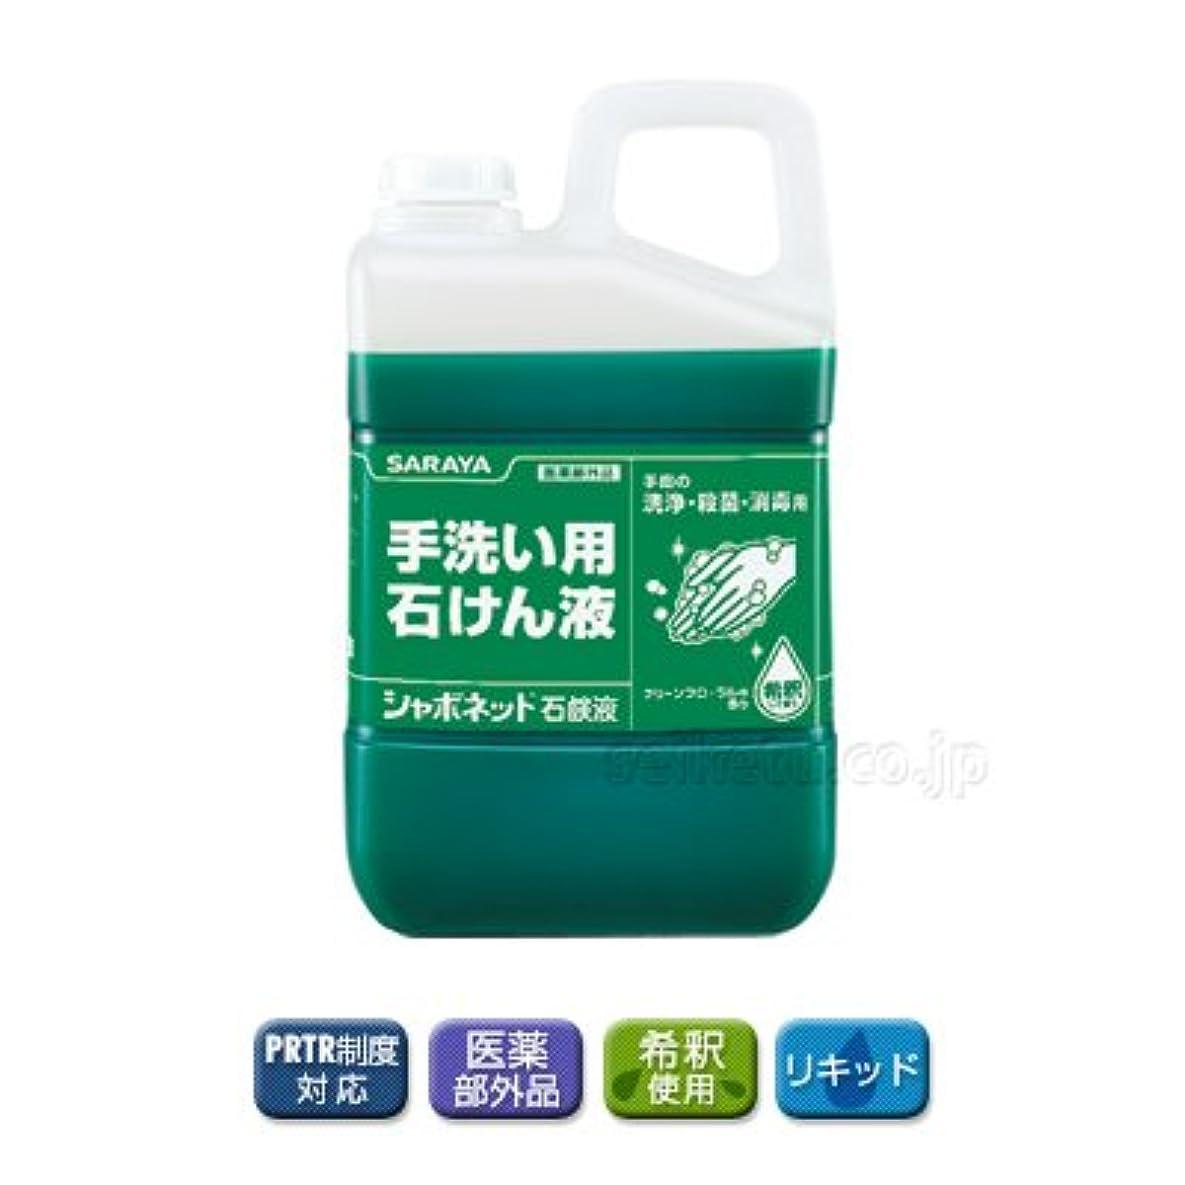 リスク鎖スクラップ【清潔キレイ館】サラヤ シャボネット石鹸液(3kg)